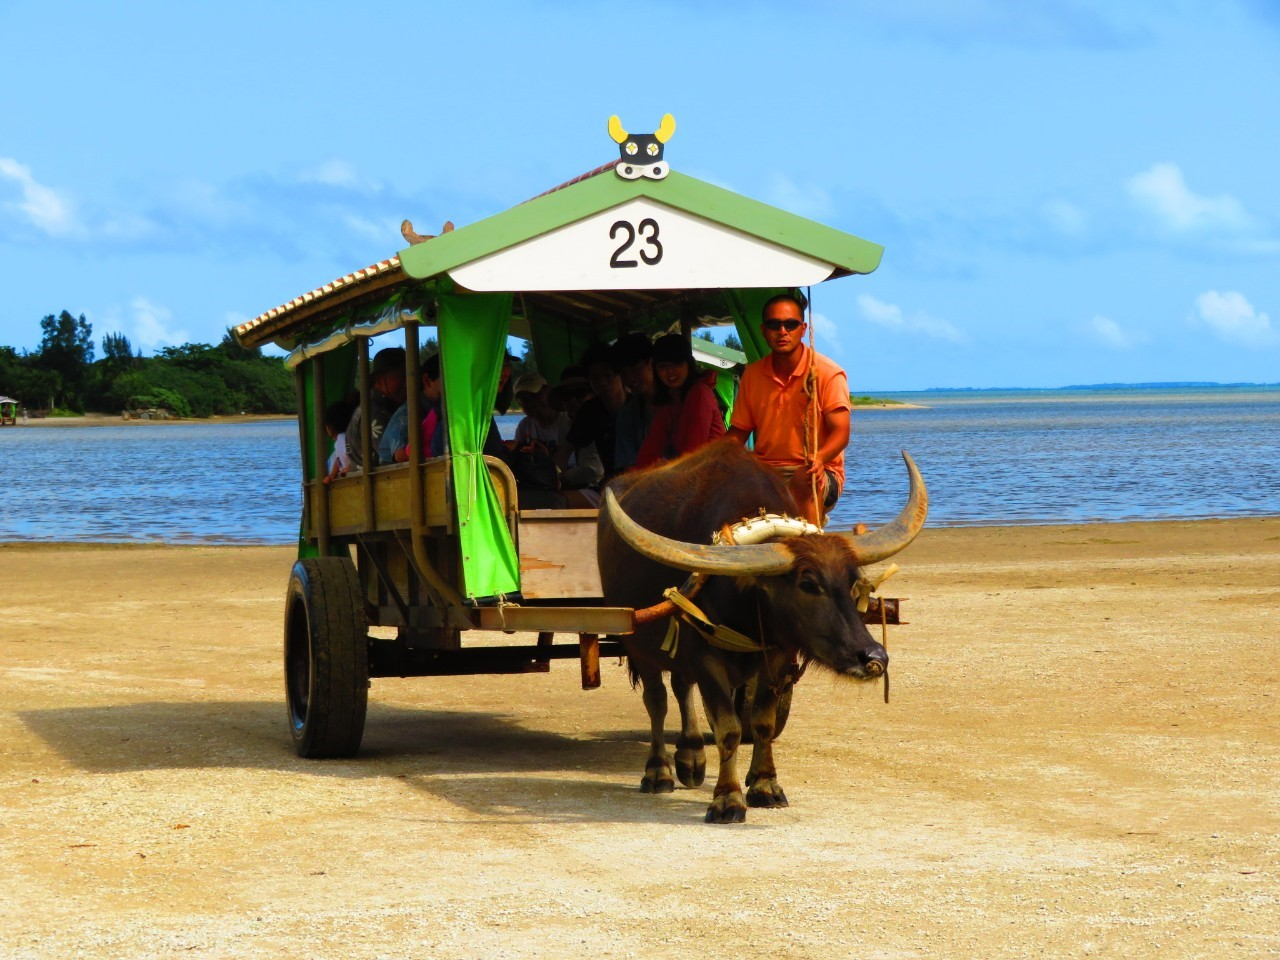 観光とアクティビティがお得なセットに!由布島観光&選べるマングローブSUPorカヌー